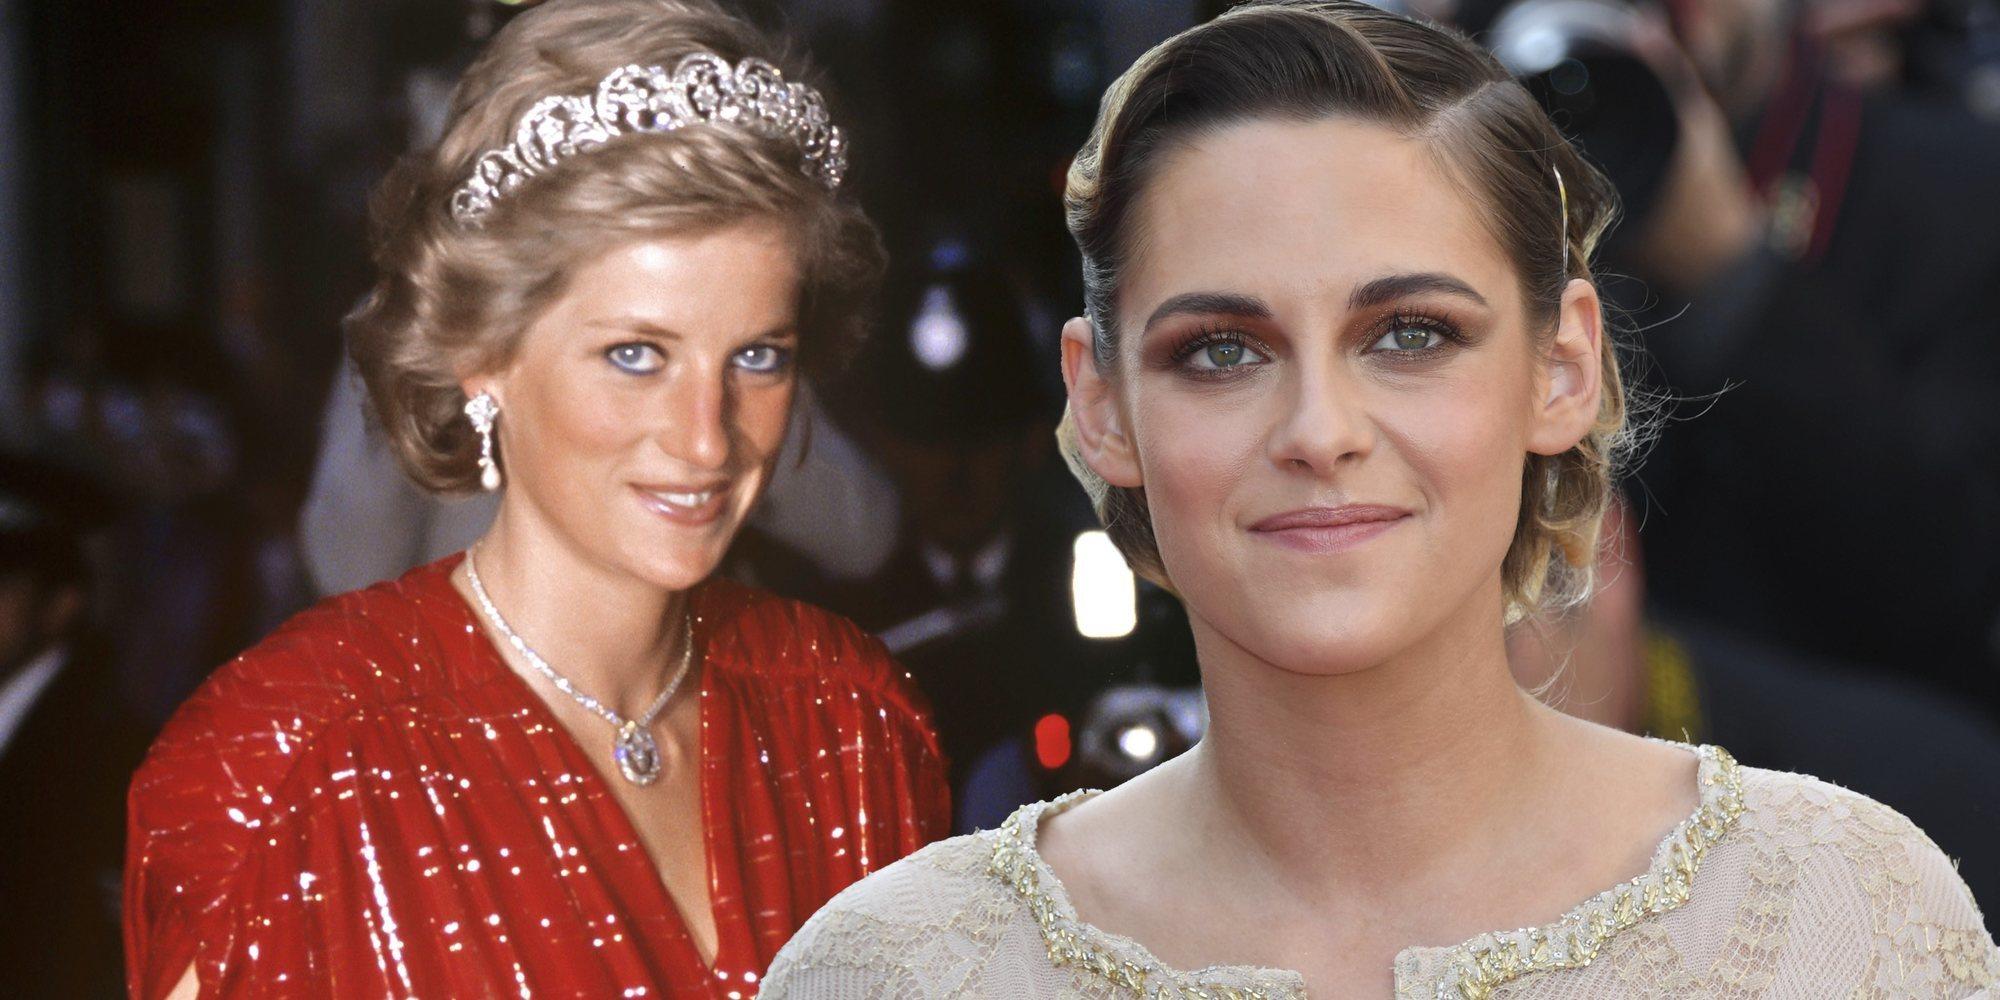 El increíble parecido de Kristen Stewart con Lady Di caracterizada para la película 'Spencer'